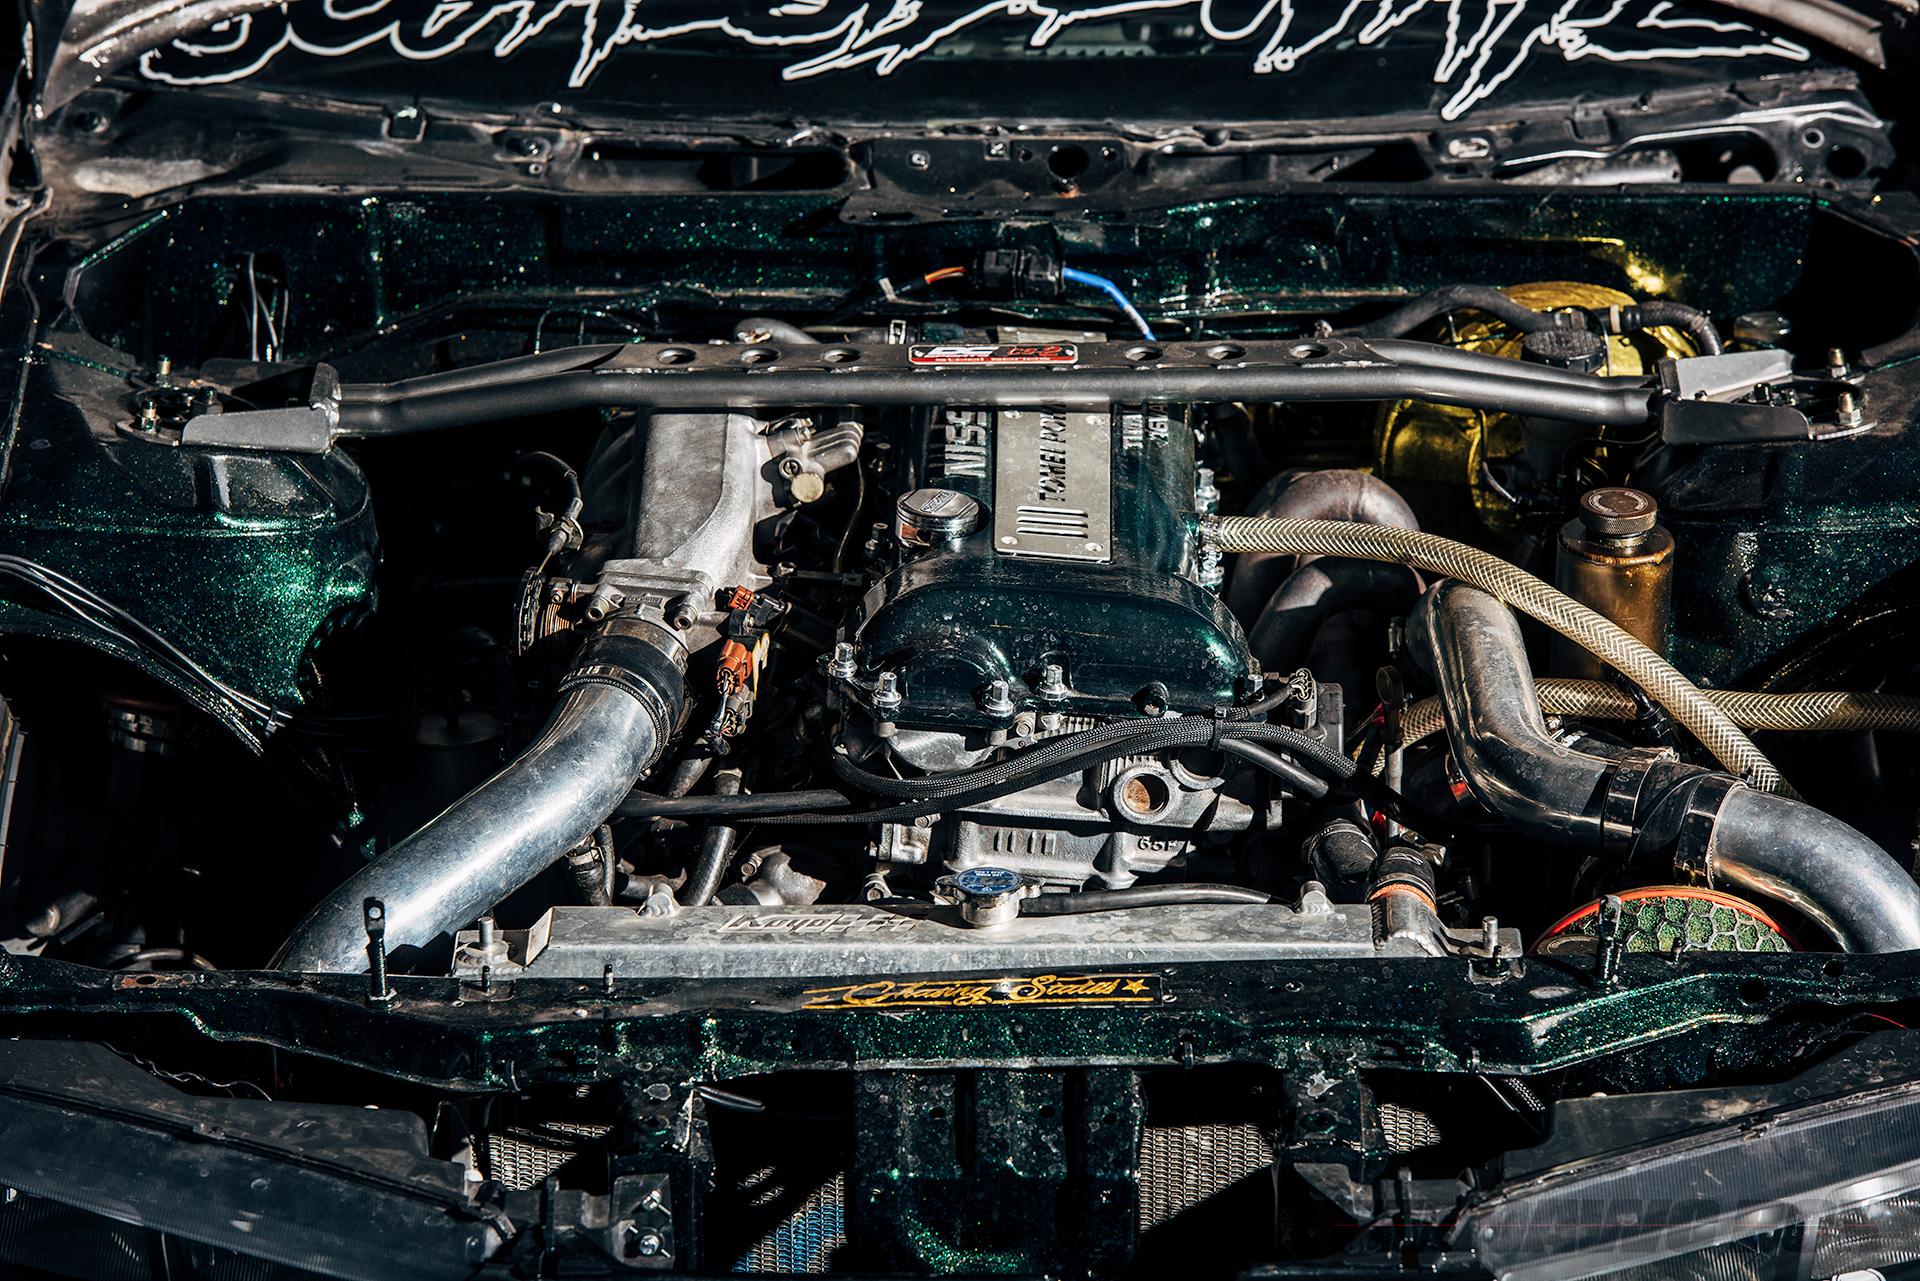 '97 Nissan 240SX modified SR20DET Engine